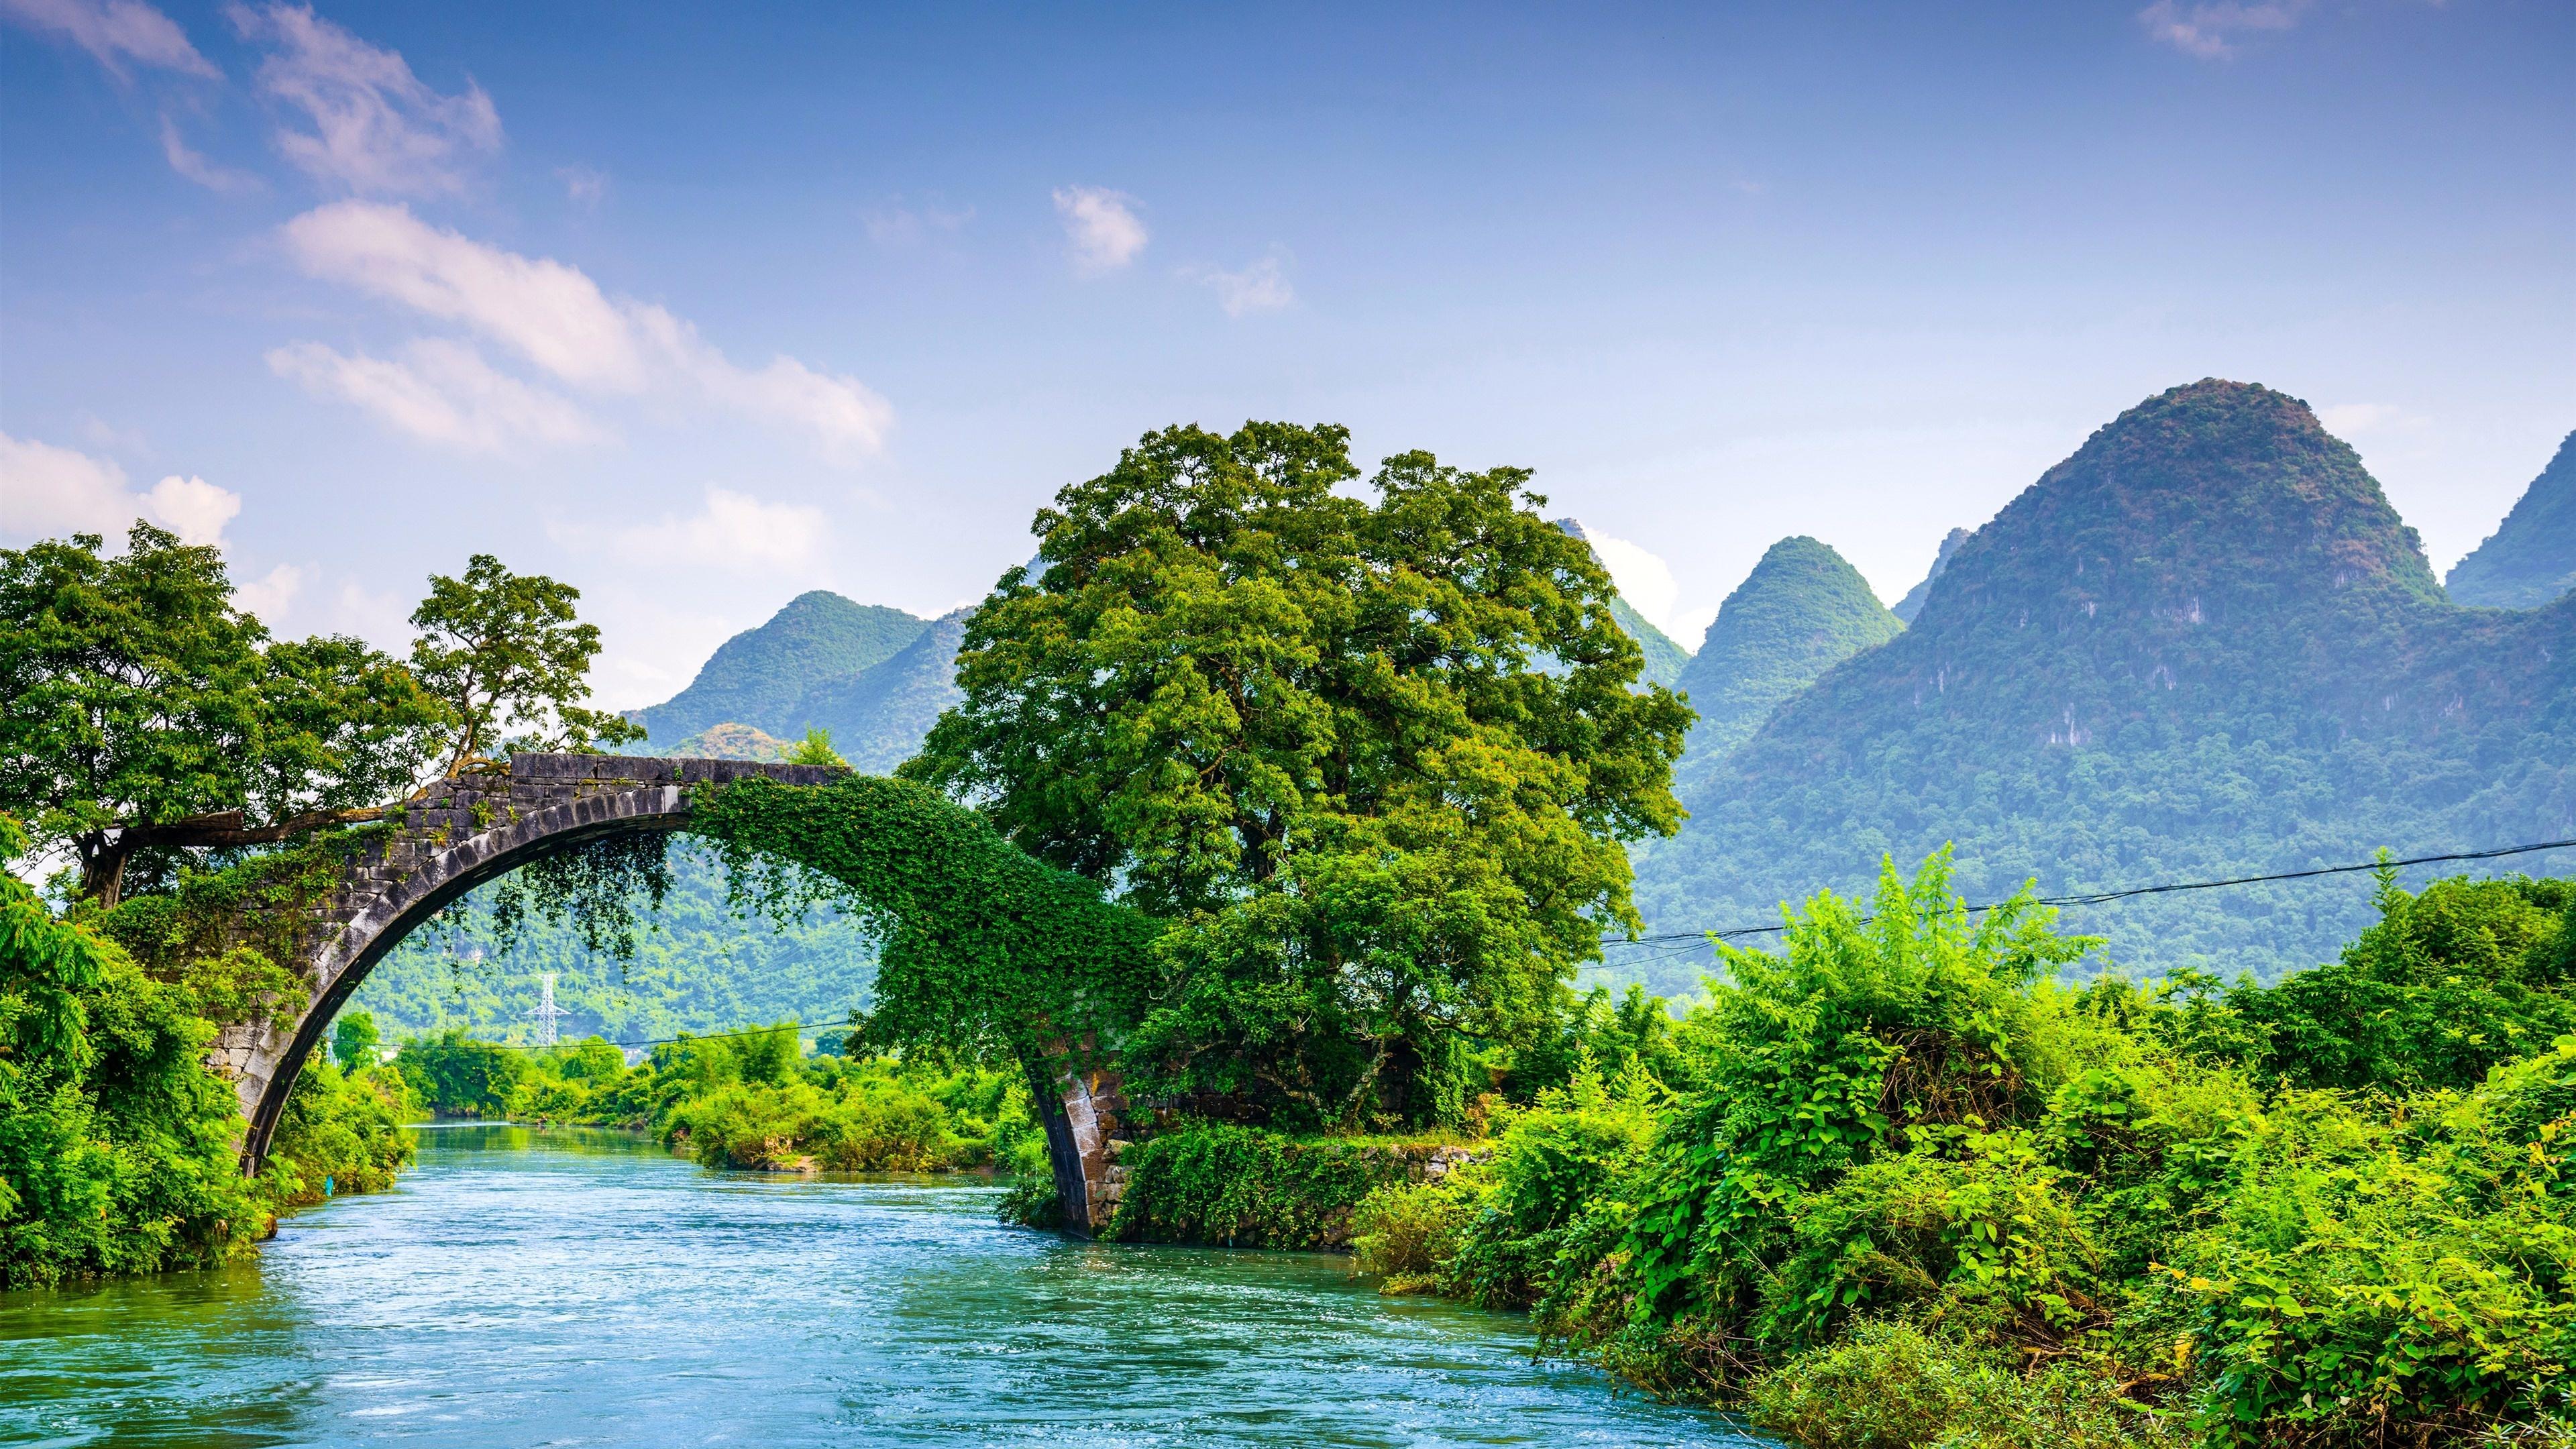 Фотографии Китай Guangxi Guilin гора Мосты Природа Реки Горы мост река речка